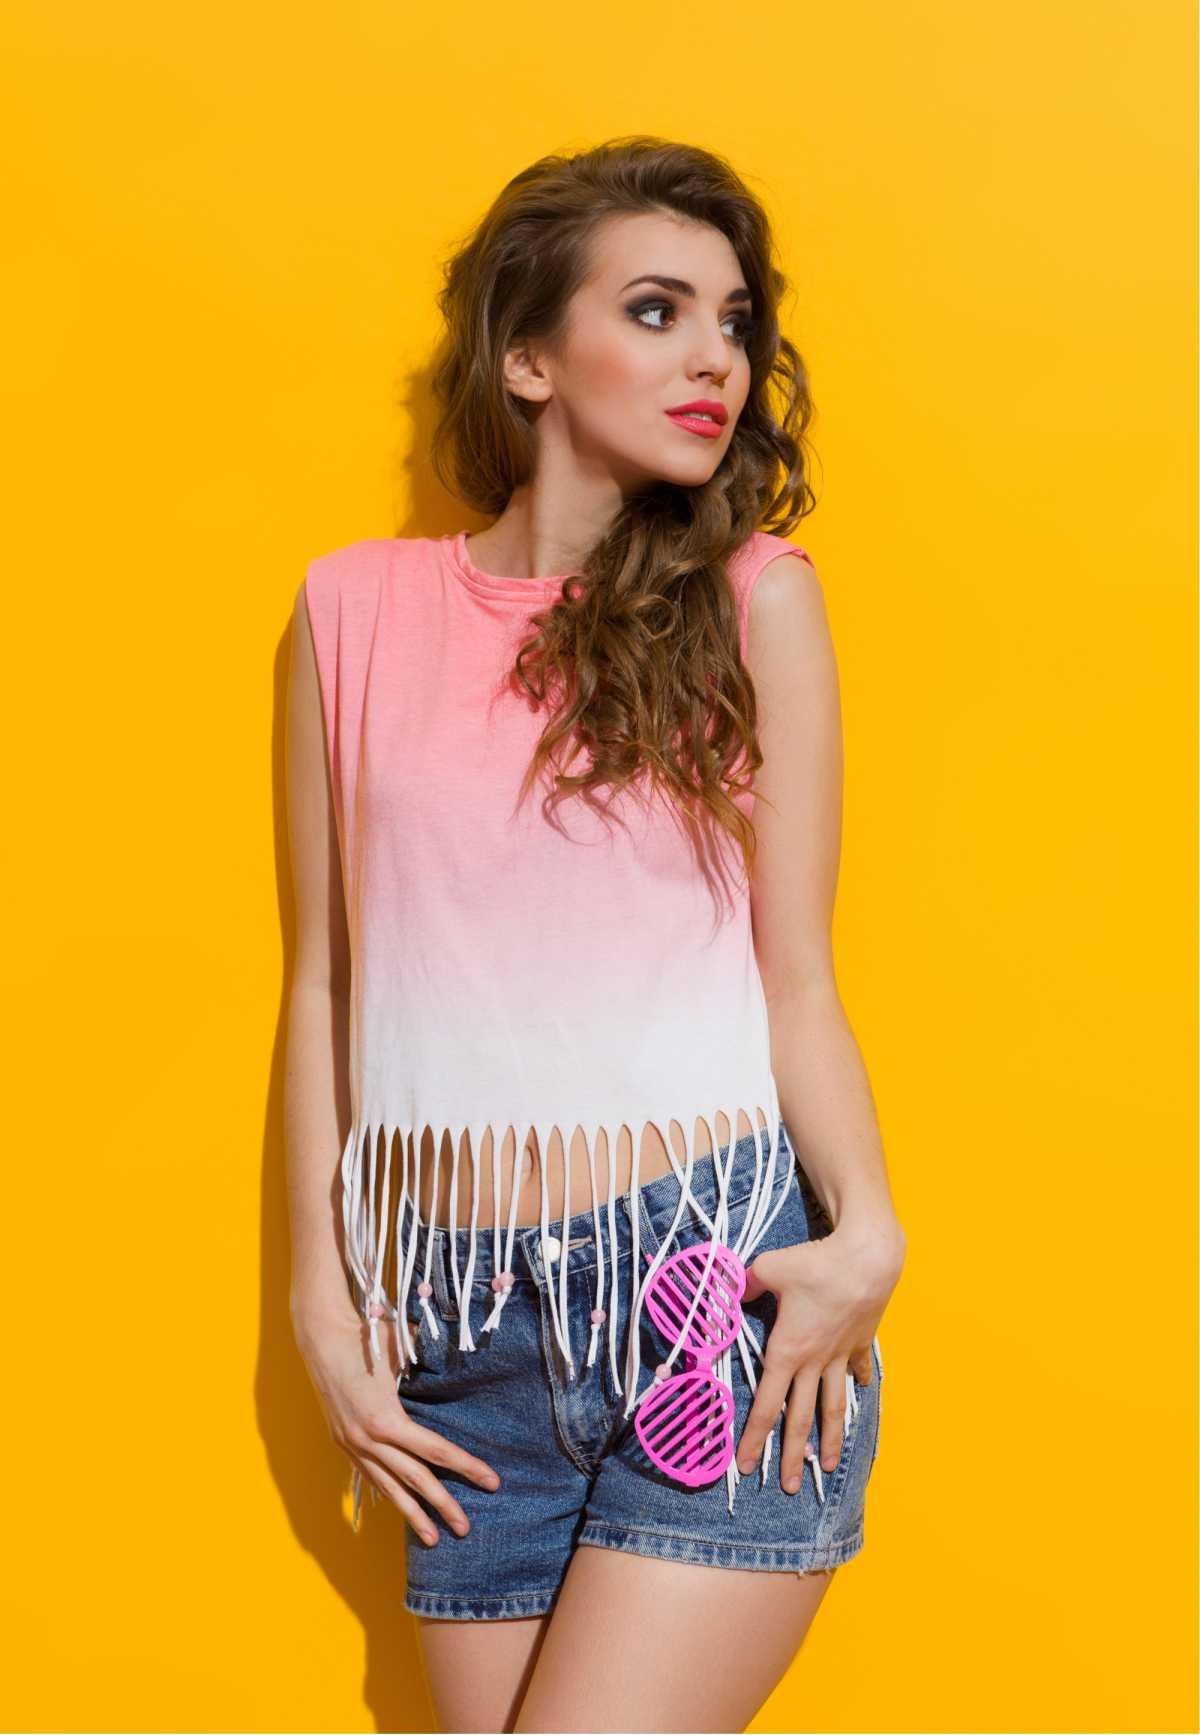 produção com blusa rosa degradê e short